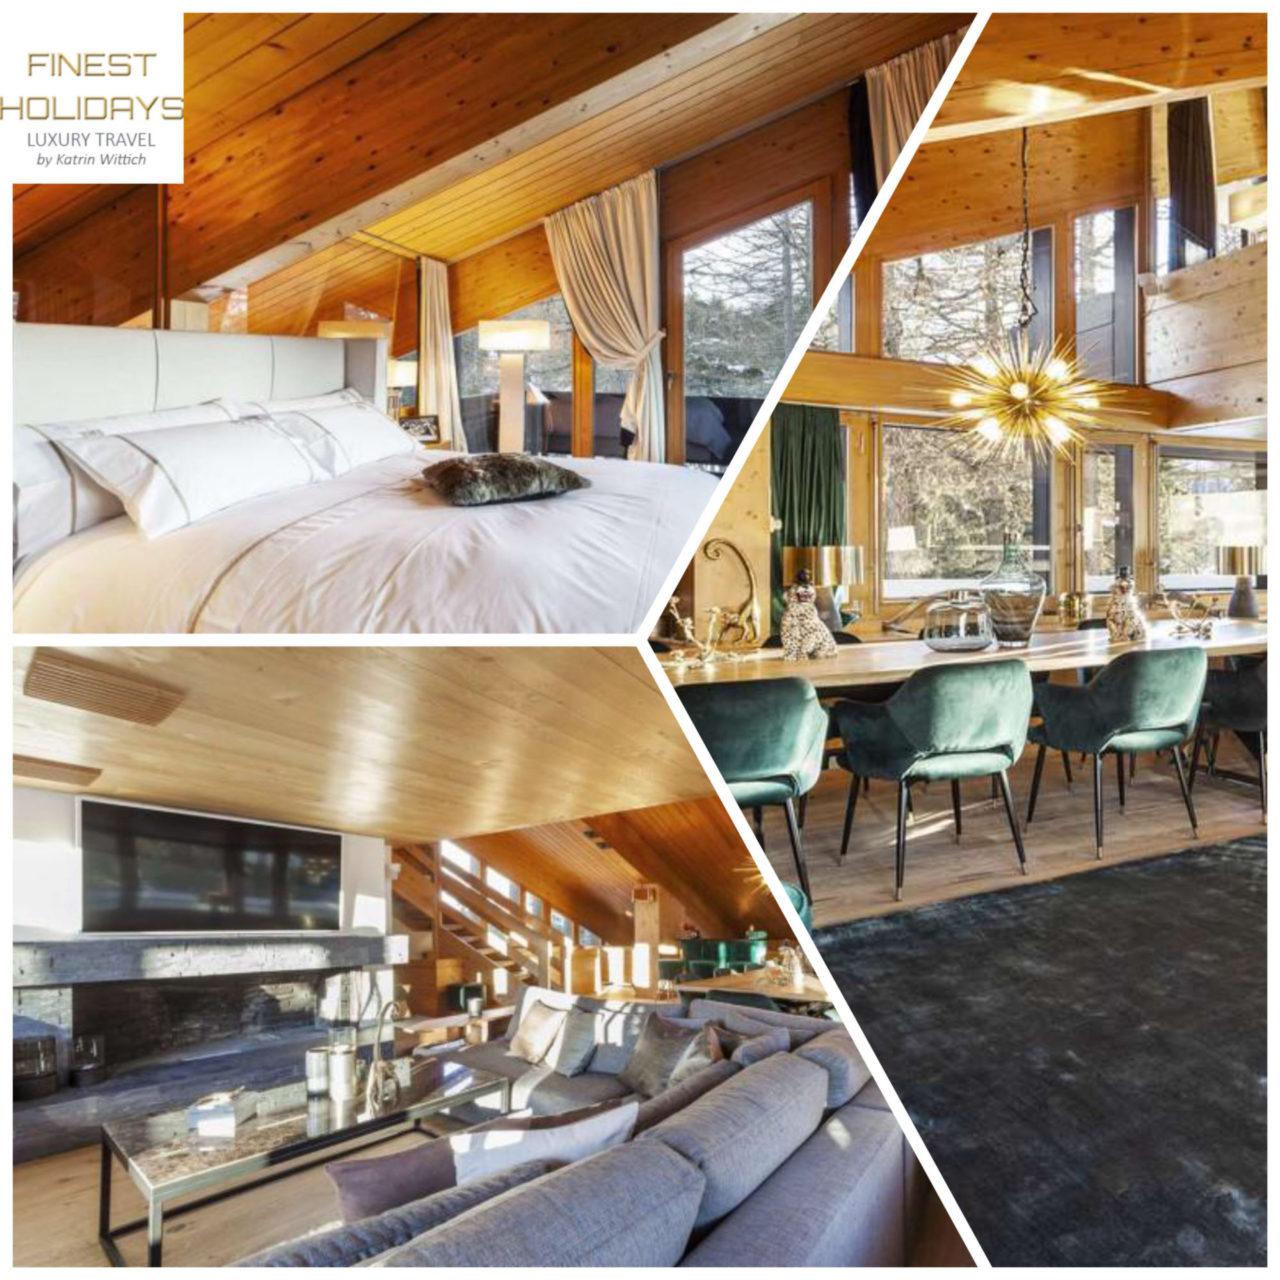 www.finest-holidays.com Swiss Alps, St. Moritz, luxury ski chalet Leopardo, Switzerland